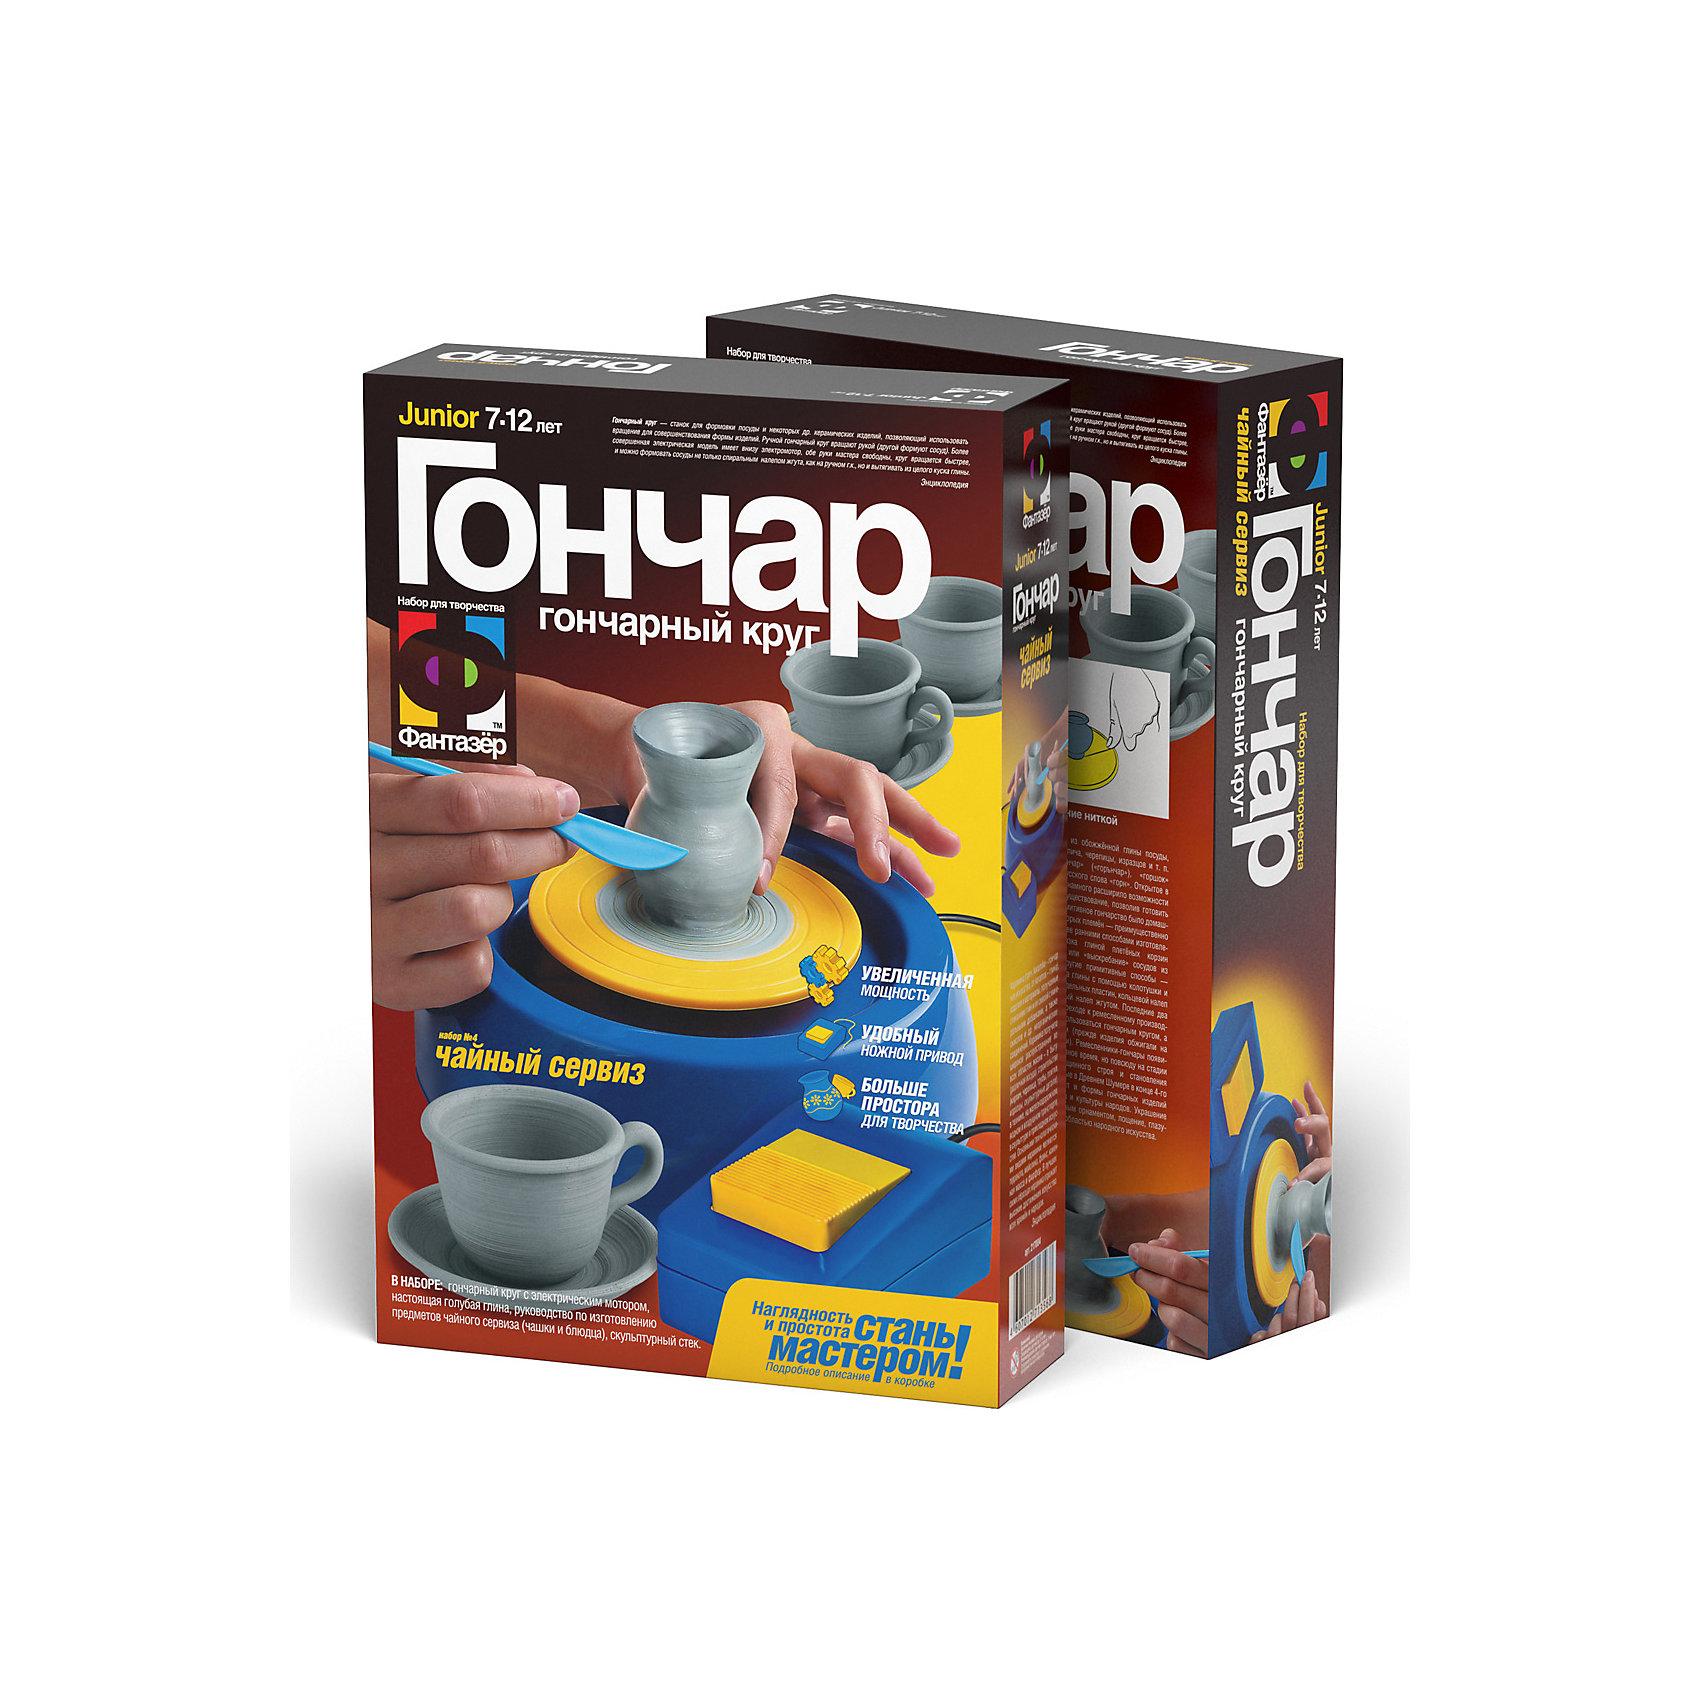 Фантазер Гончар Чайный сервизНаборы полимерной глины<br>Гончарный  круг с электрическим мотором, работающим при нажатии педали. <br><br>С его помощью можно изготовить чайный сервиз в практически натуральную величину. Игрушка стимулирует воображение, развивает мелкую моторику.<br><br>Дополнительная информация:<br><br>В комплекте:<br>- гончарный круг с электрическим мотором;<br>- голубая глина;<br>- скульптурный стек.<br>Гончарный круг работает от батареек, в комплект не включены.<br>Размер упаковки (д/ш/в): 24,5 х 7,3 х 36 см.<br><br>Ширина мм: 245<br>Глубина мм: 73<br>Высота мм: 360<br>Вес г: 1220<br>Возраст от месяцев: 84<br>Возраст до месяцев: 144<br>Пол: Унисекс<br>Возраст: Детский<br>SKU: 2331296